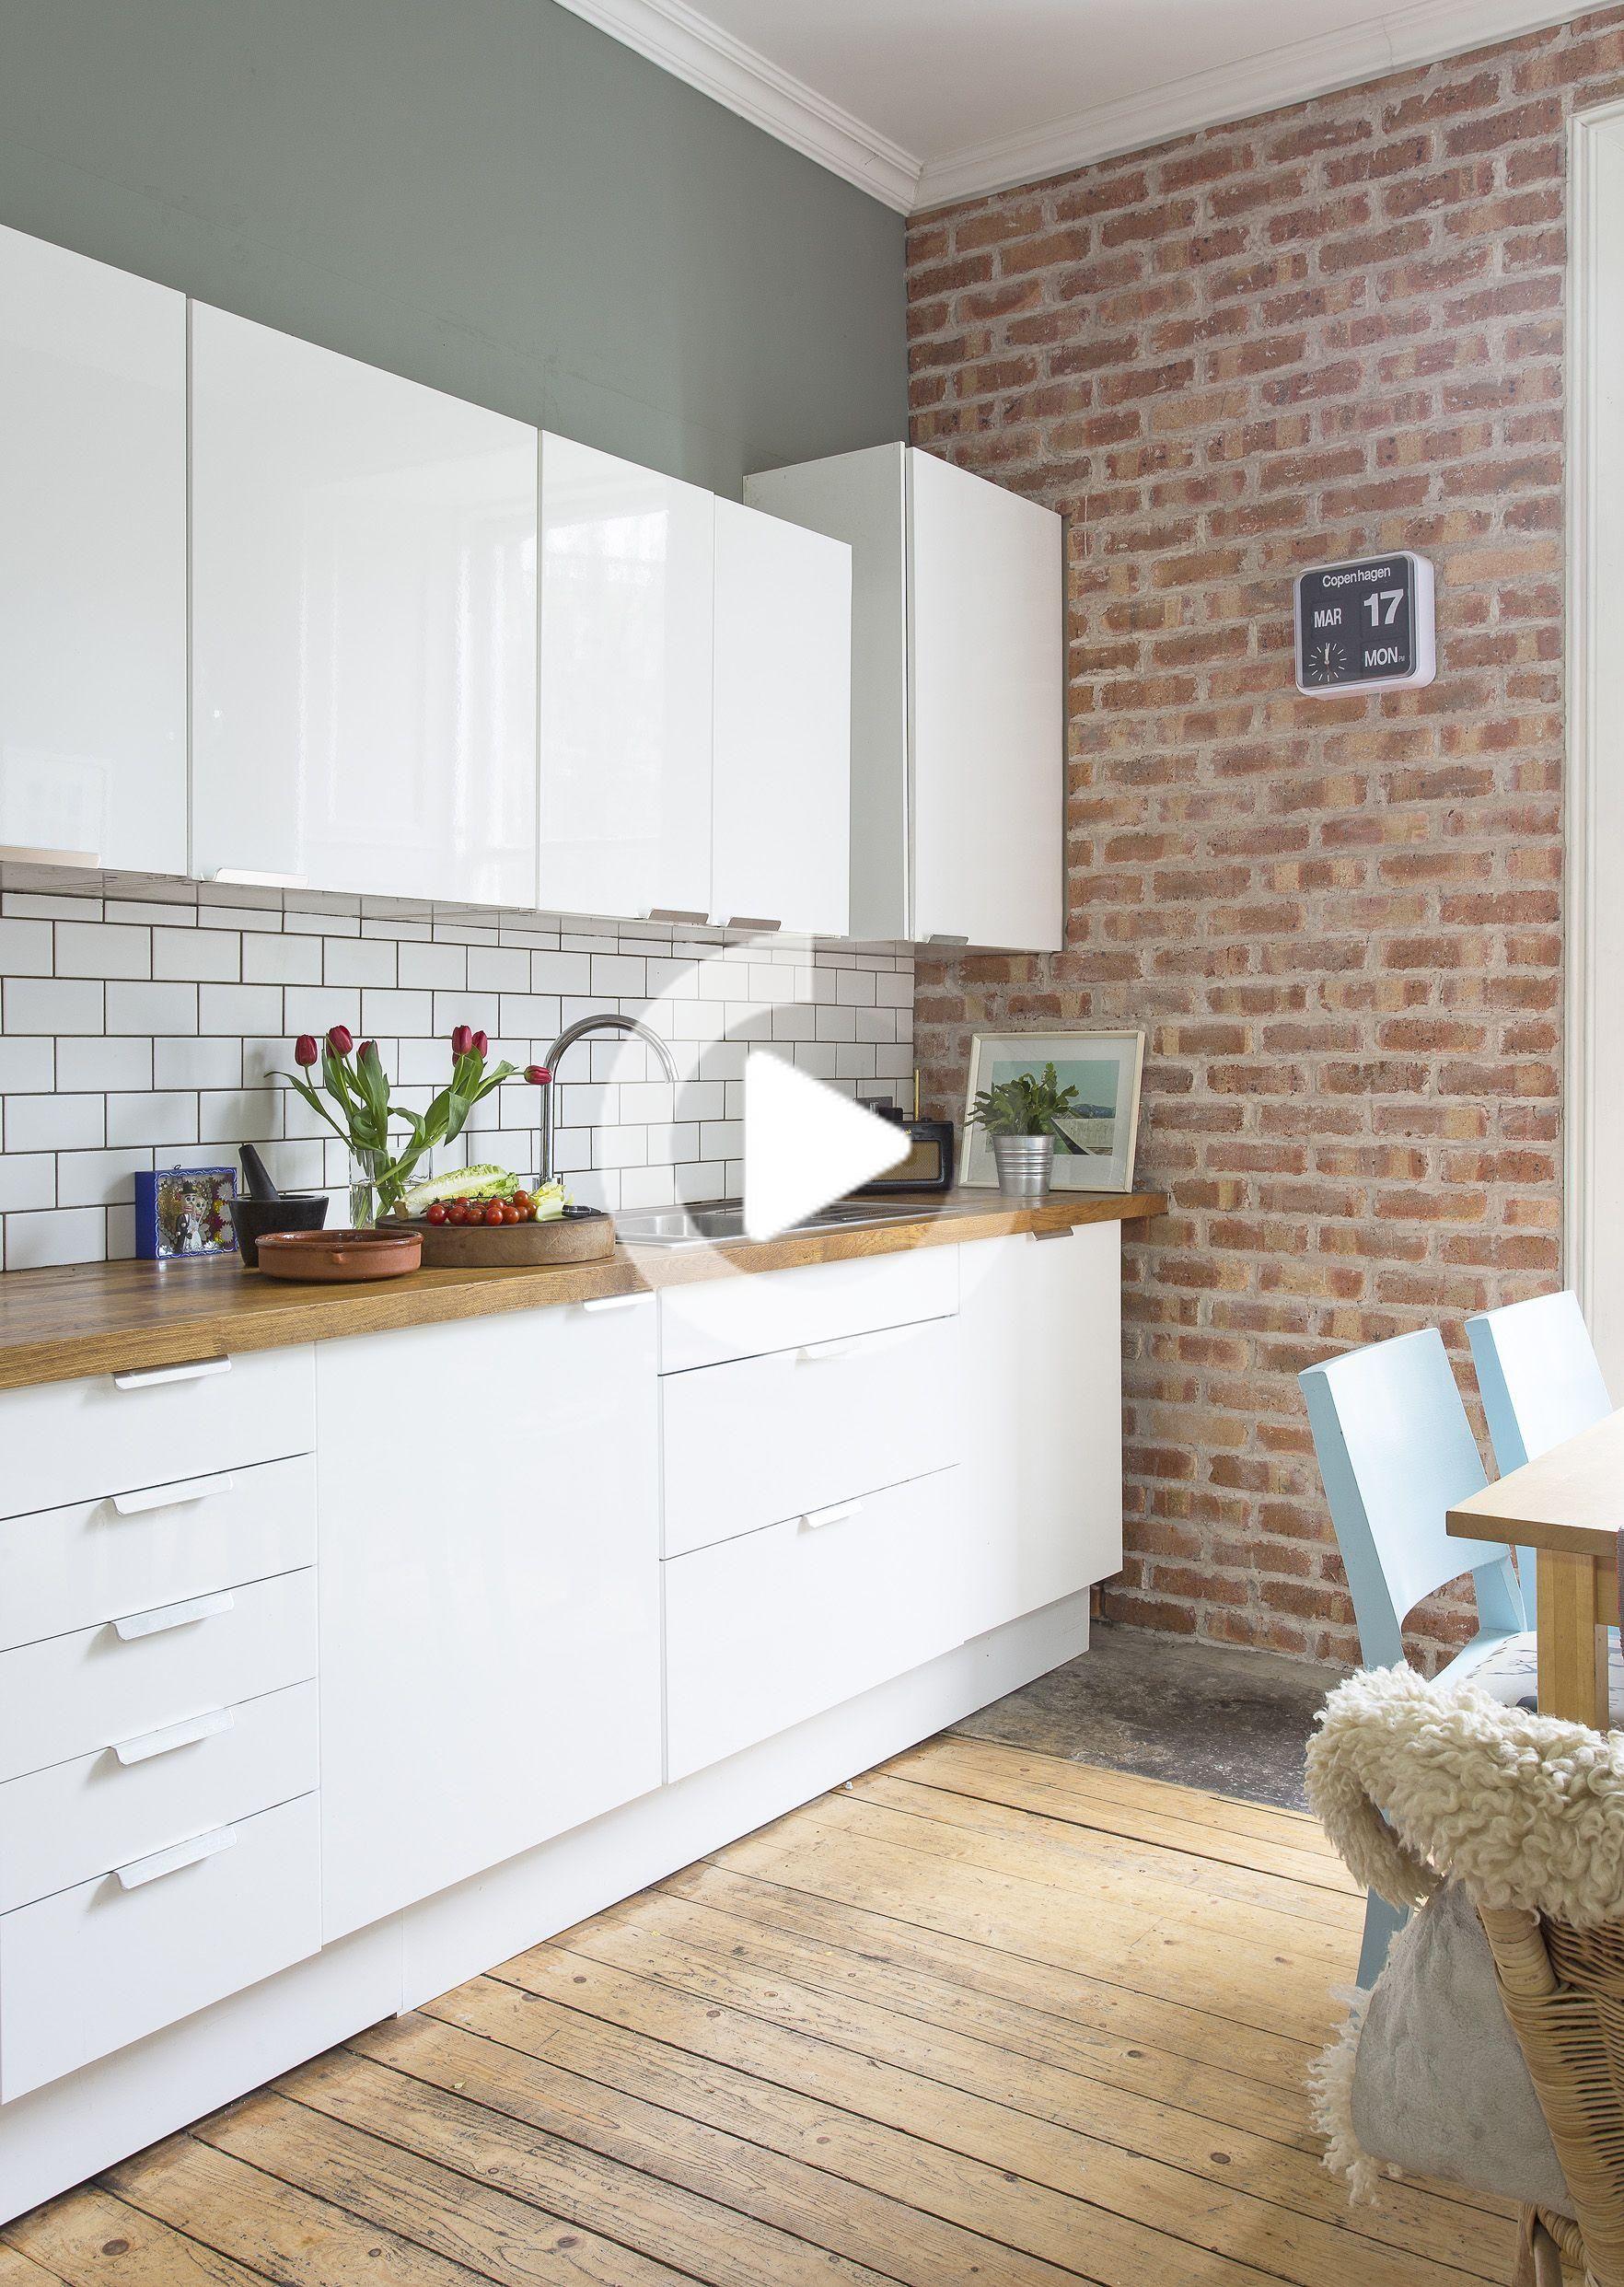 weißer glanz, modern, küche, unverputzte ziegel, holzböden